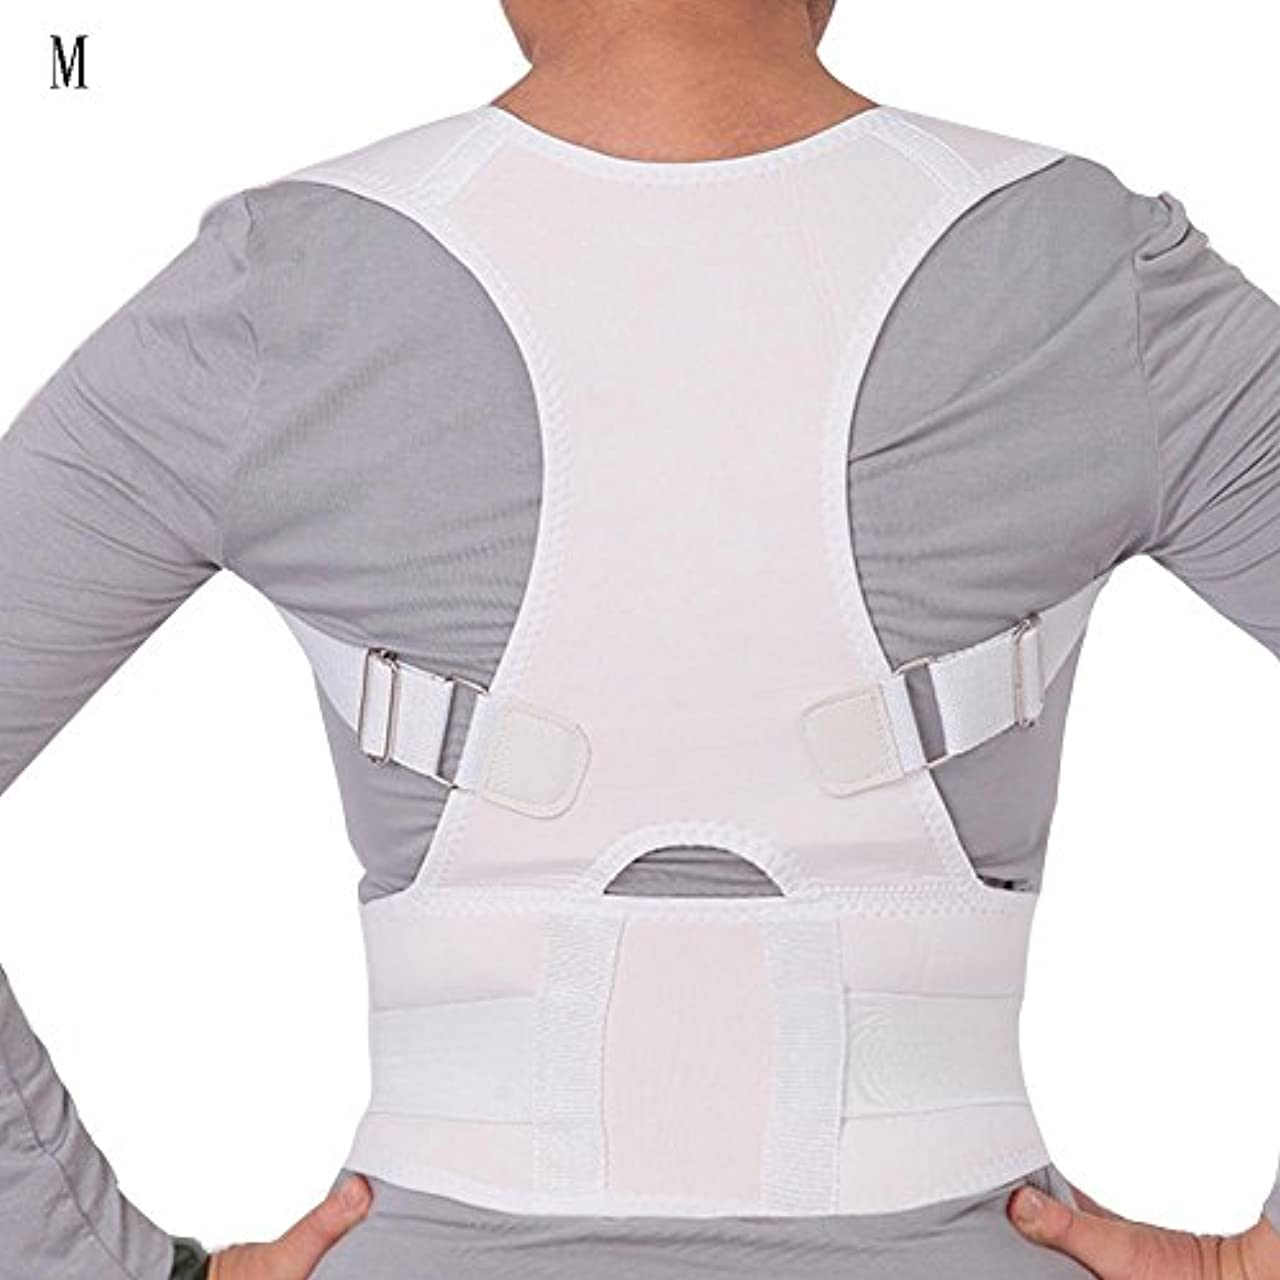 ショルダーバック 姿勢補正装置アンチハンプバック矯正OK布 女性男性 サポート